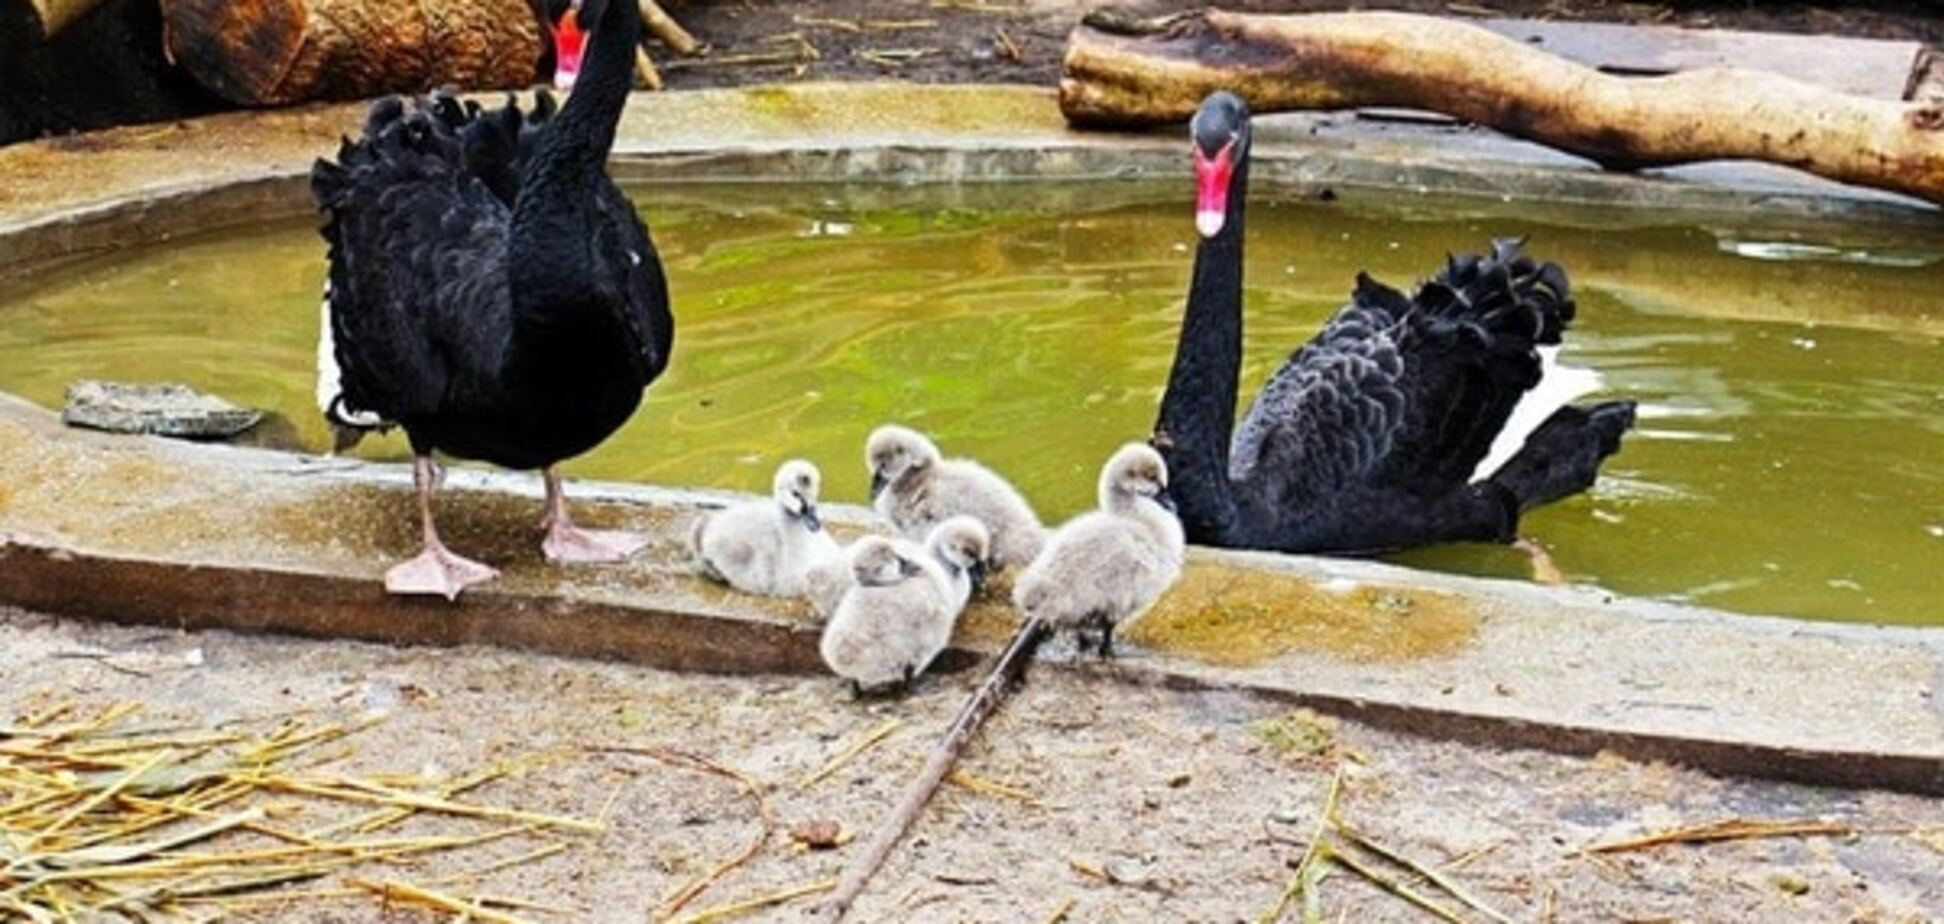 У київському зоопарку народилися 'бридкі каченята': опубліковано фото